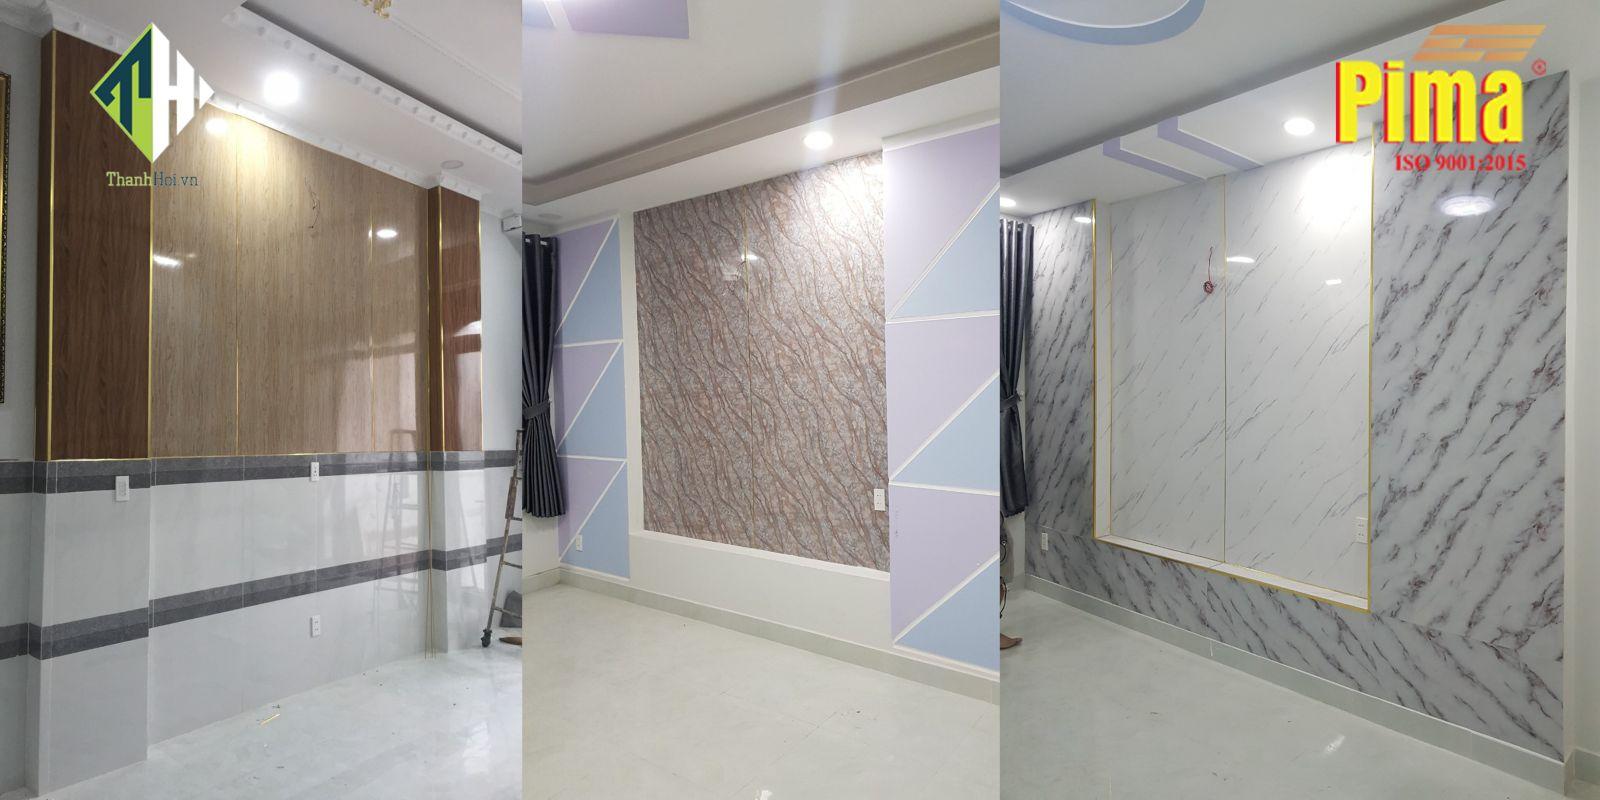 Tấm Nhựa PVC Cẩm Thạch trong công trình của Thành Hội